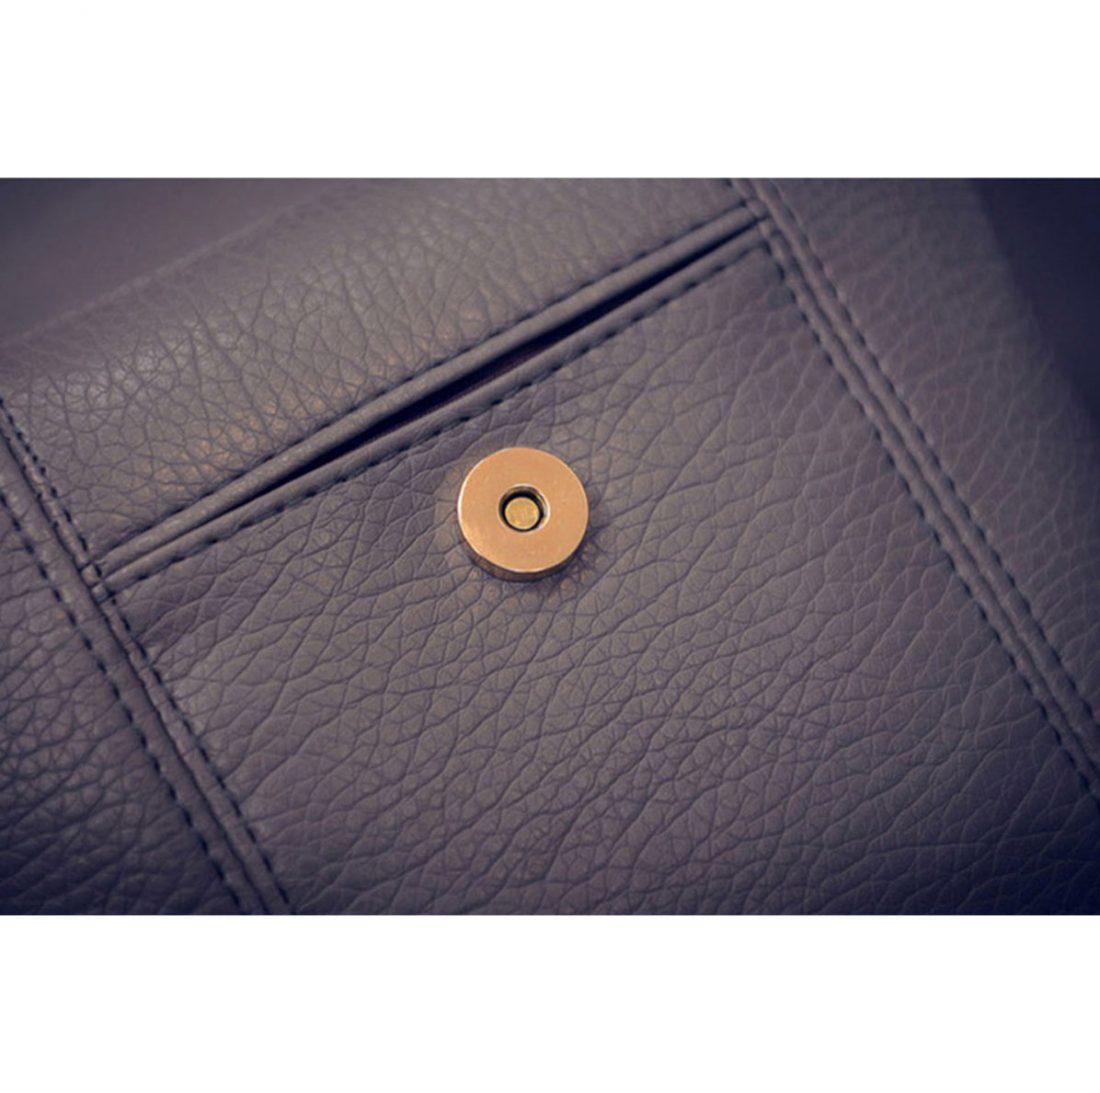 M0192 gray2 Clutches Purses Wallets maureens.com boutique